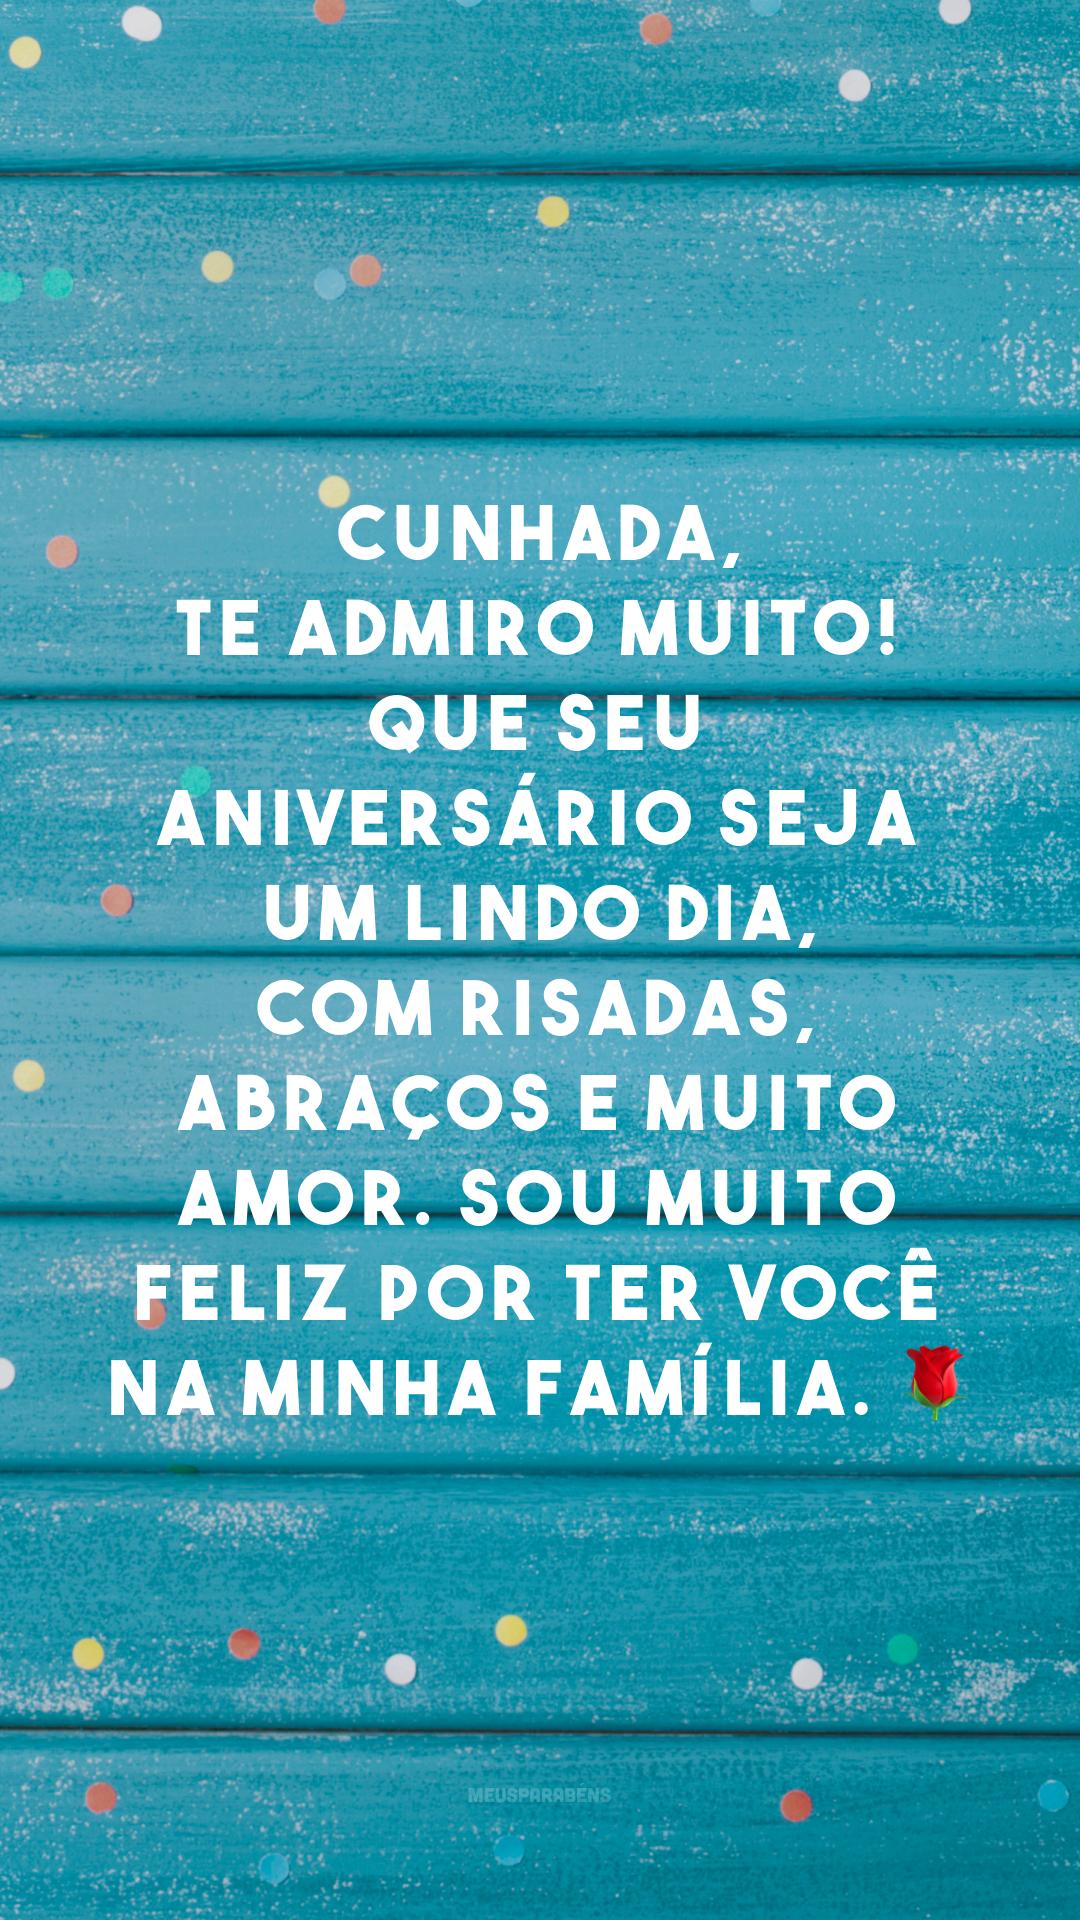 Cunhada, te admiro muito! Que seu aniversário seja um lindo dia, com risadas, abraços e muito amor. Sou muito feliz por ter você na minha família. 🌹